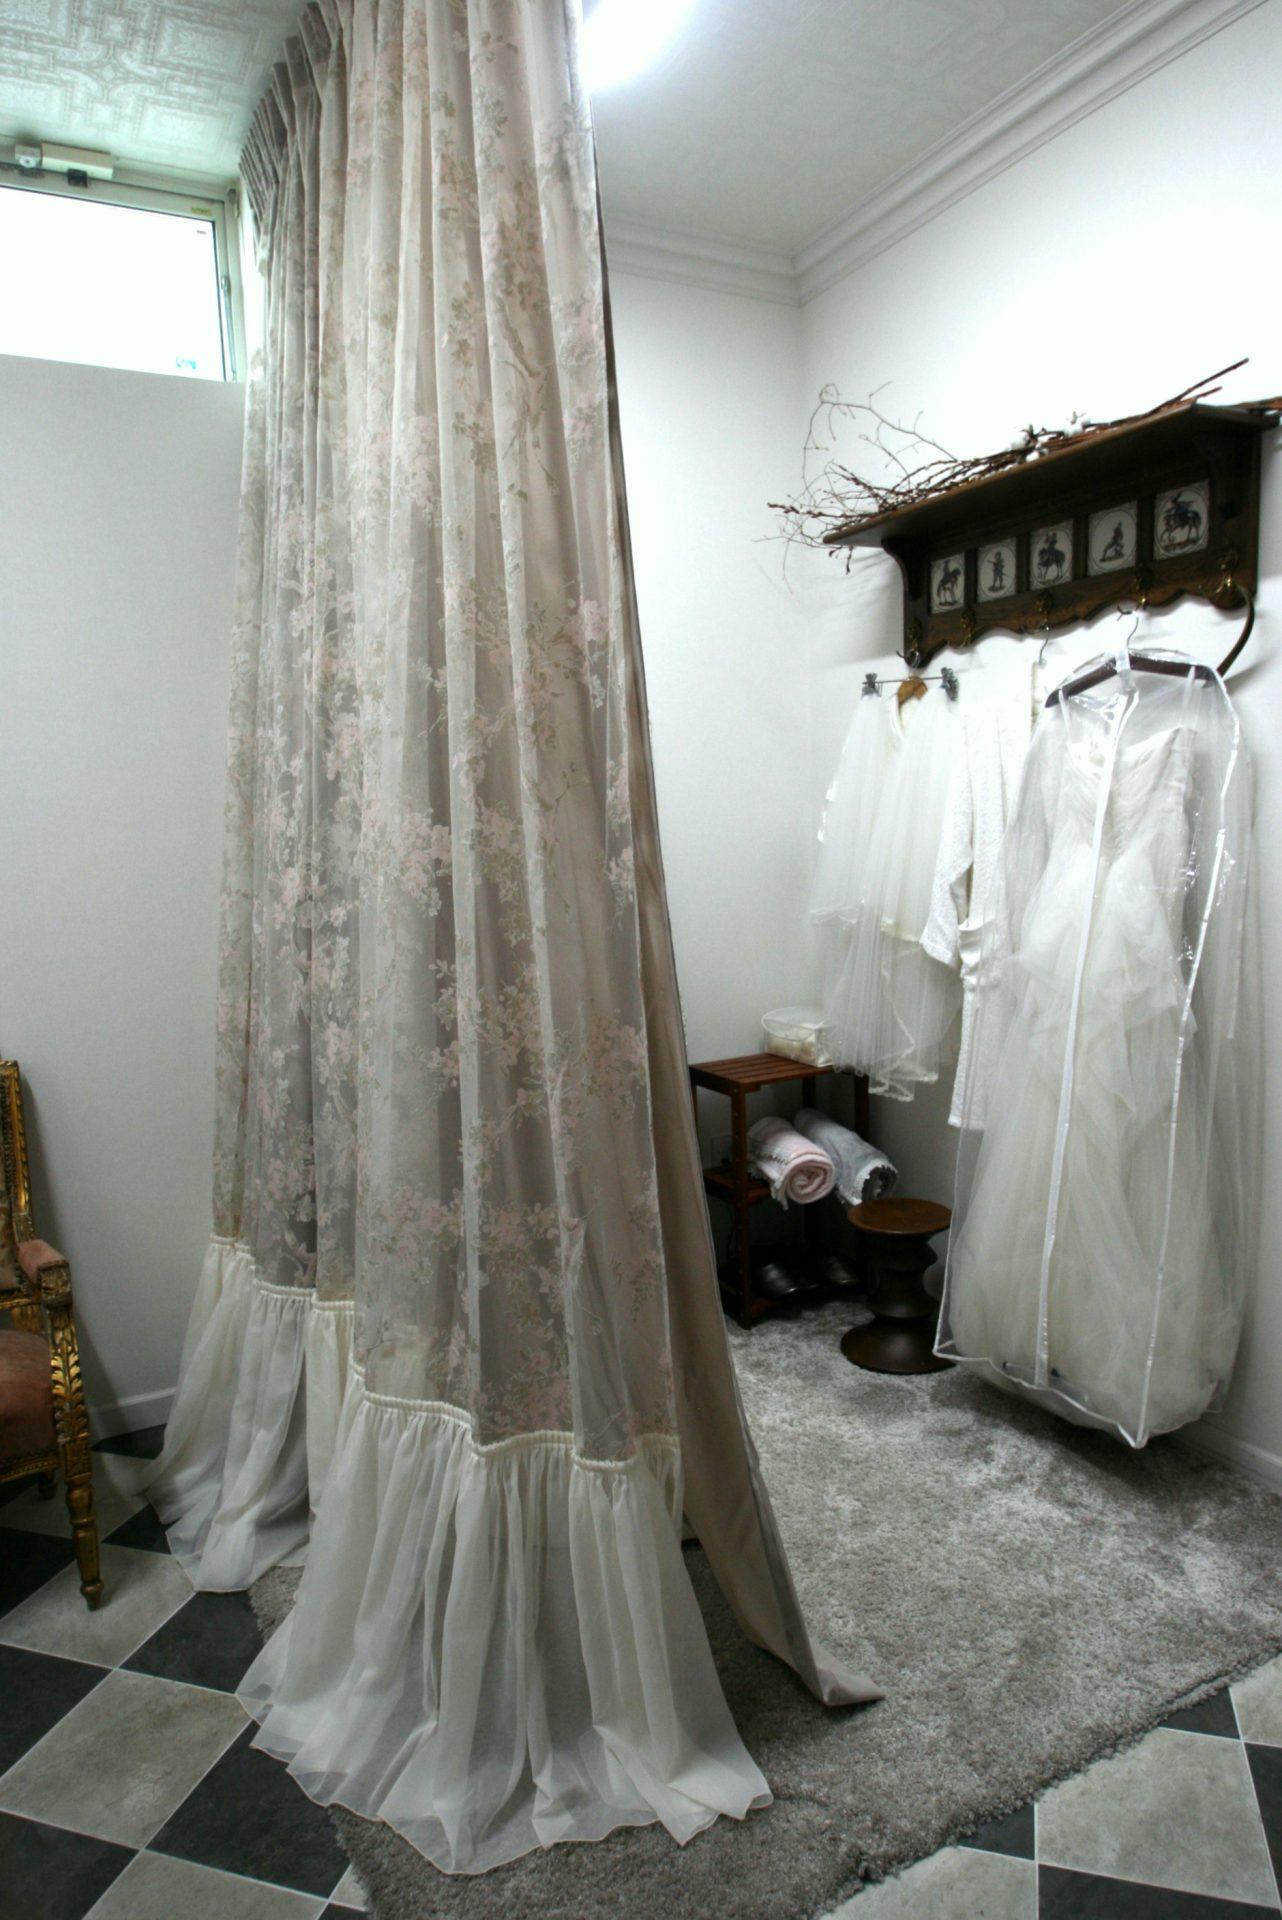 ドレス仕様のカーテン